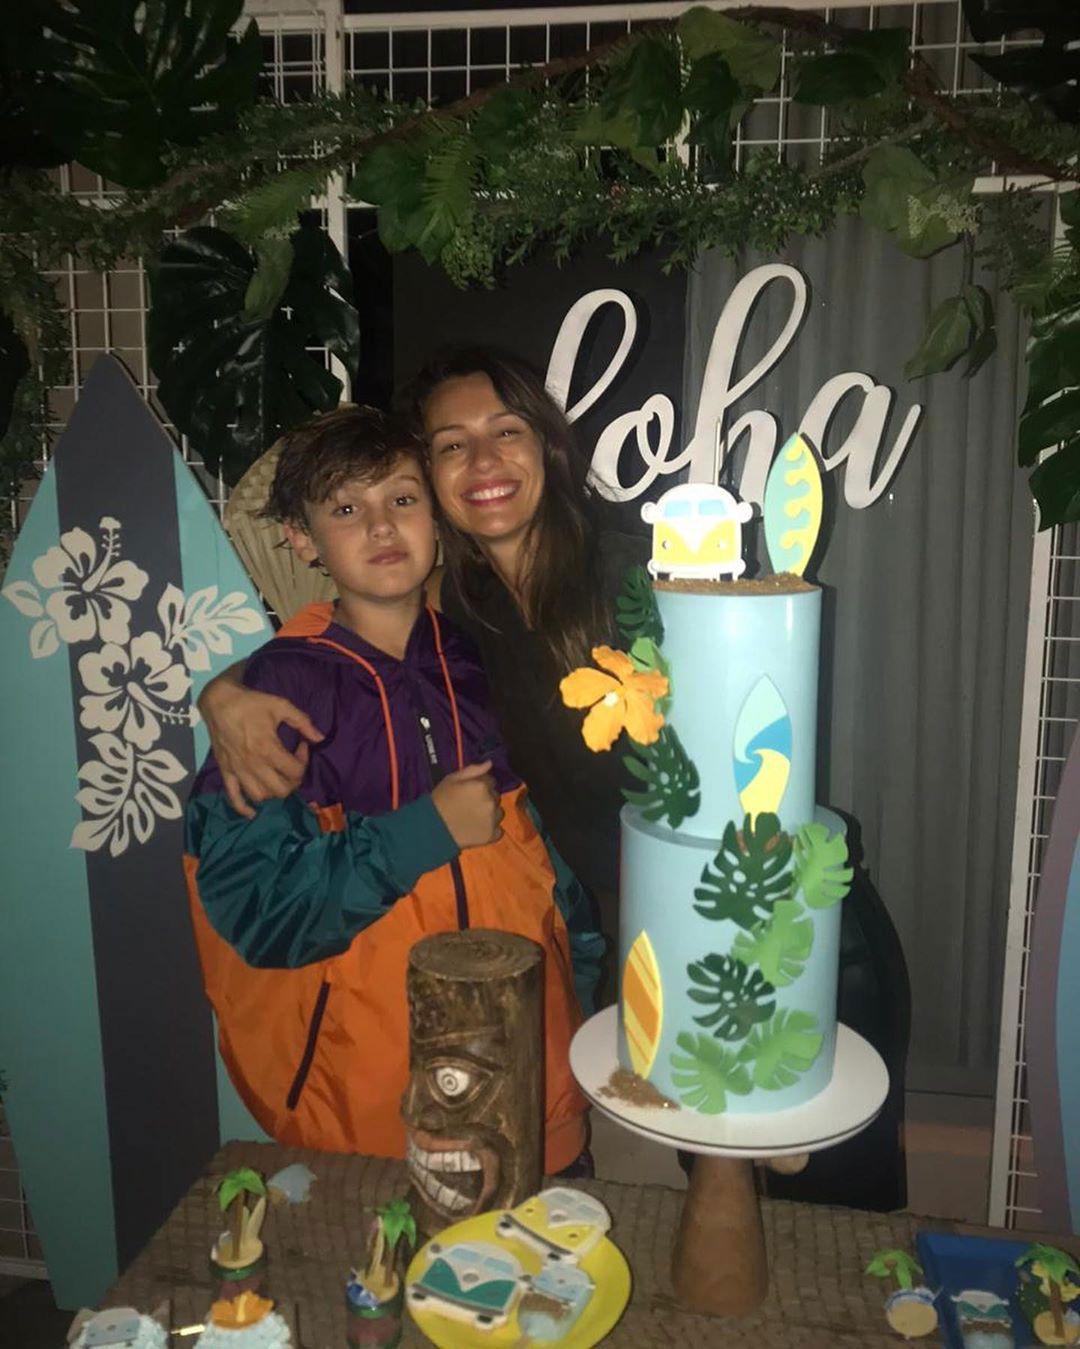 Pampita festejó los 12 años de su hijo Bautista, con una fiesta temática (Foto: Instagram)